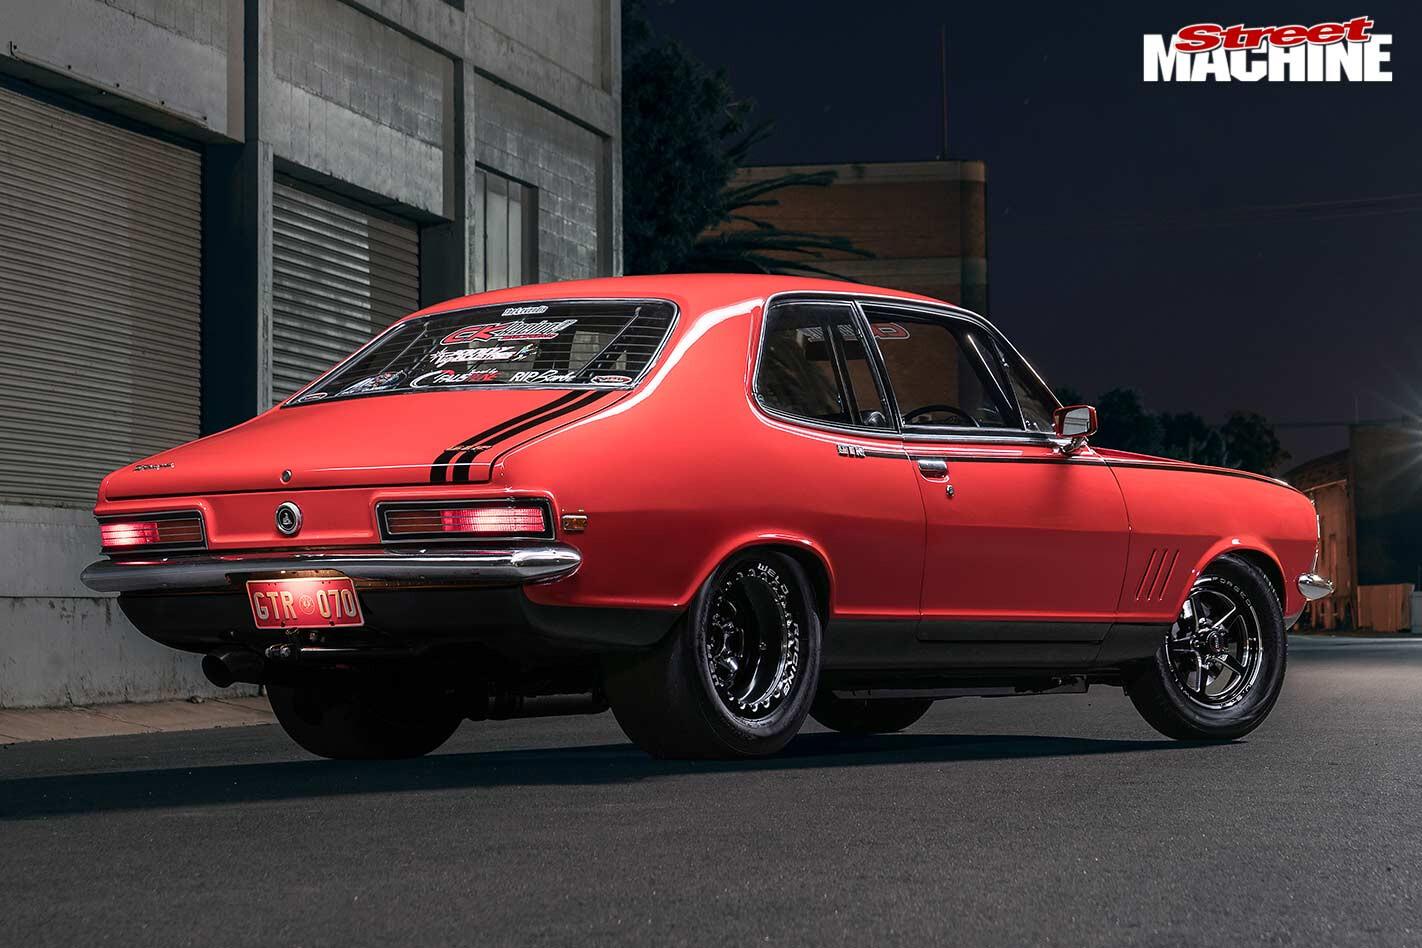 Holden Torana GTR rear